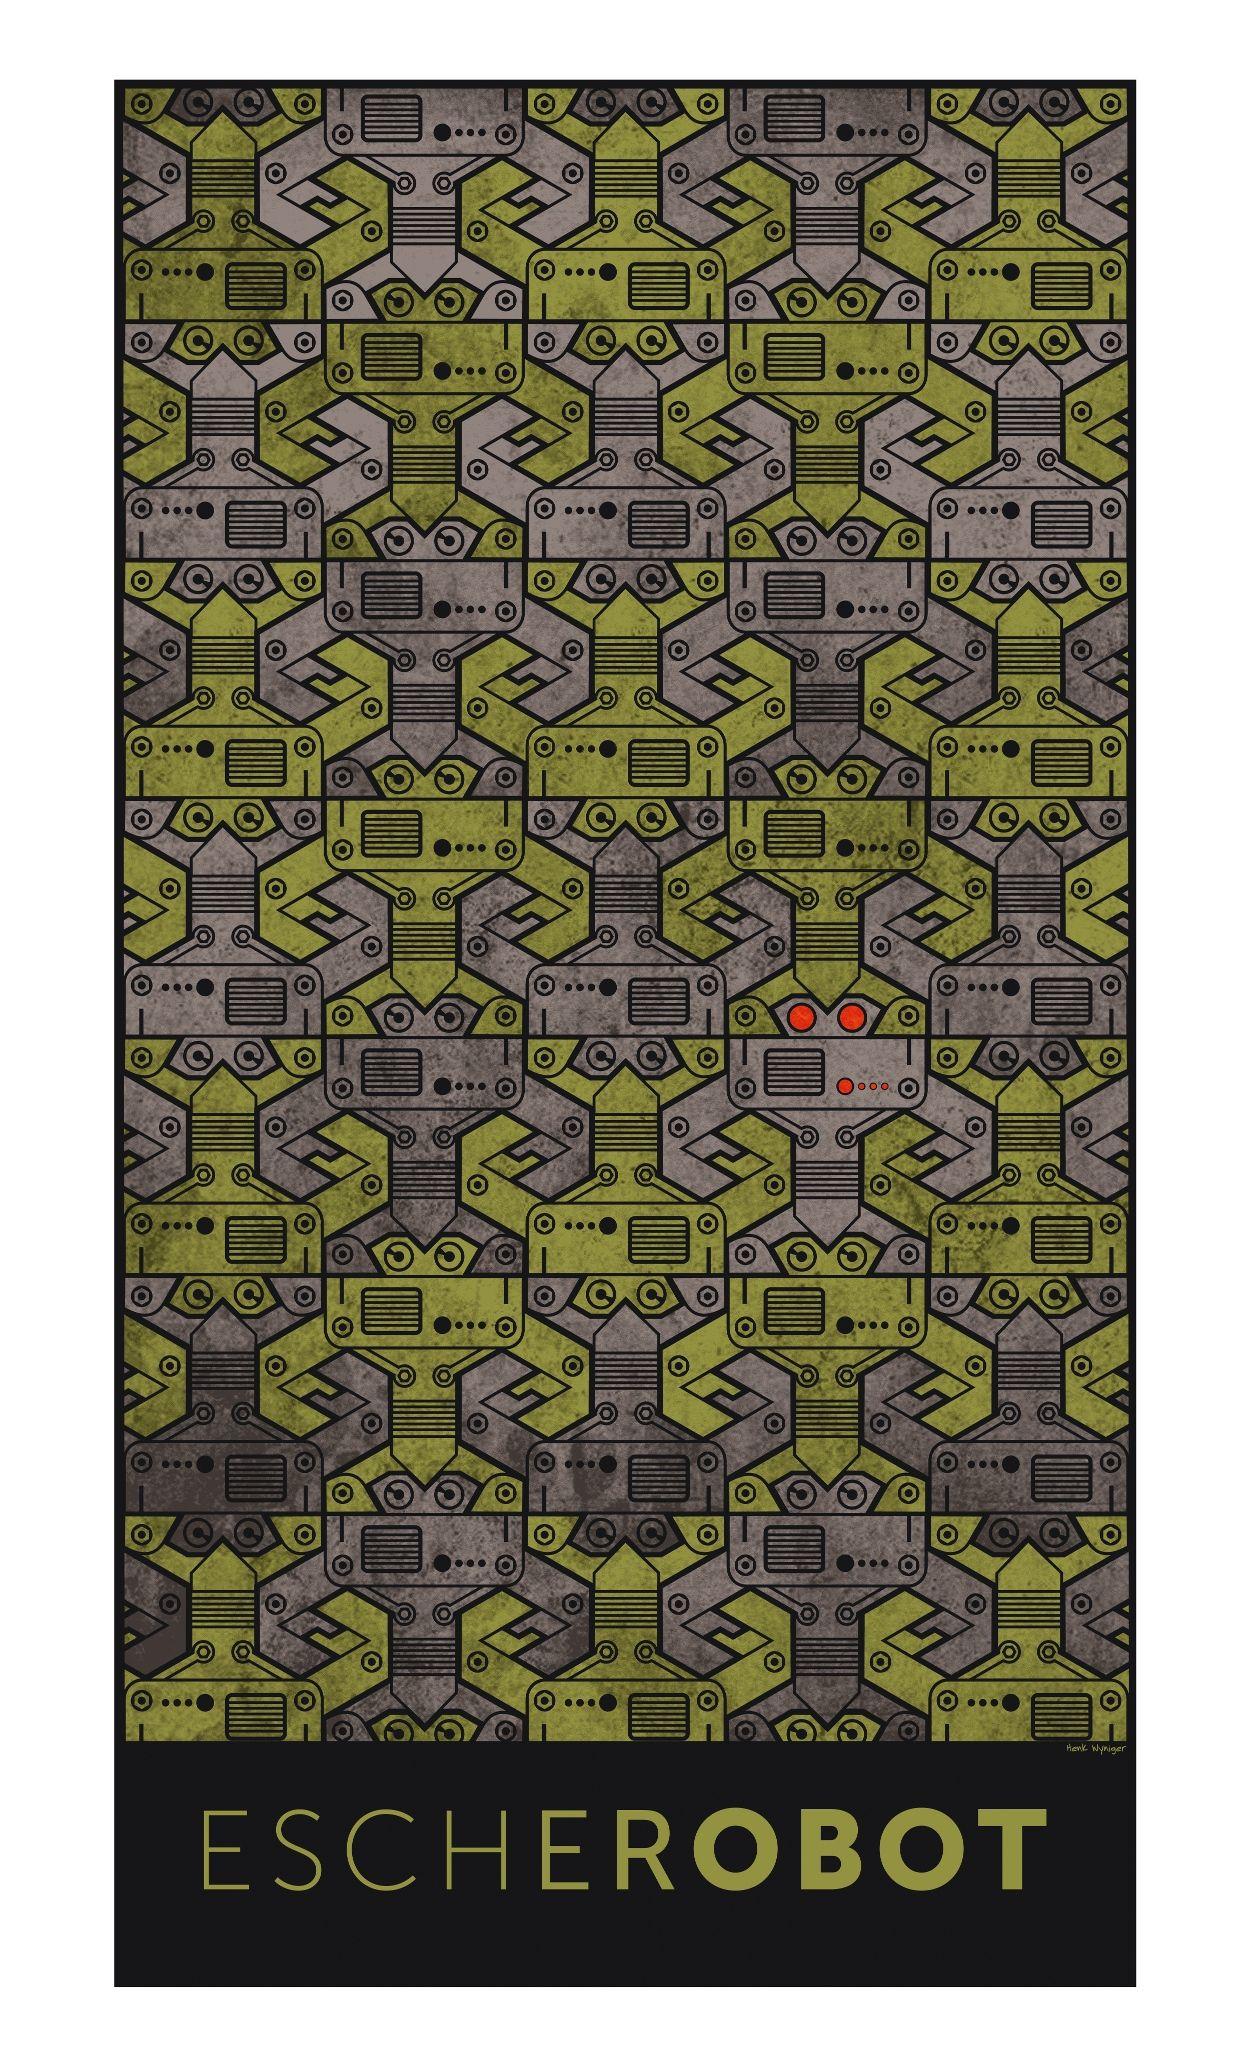 Escherrobot: Eine Hommage an M. C. Escher. Aus Escher und Roboter wird Escherrobot. Eine regelmäßige Flächenaufteilung entsteht durch die Wiederholung eines Elements, des Roboters. Mehr dazu unter www.vismath.eu/bild/904-escherrobot.